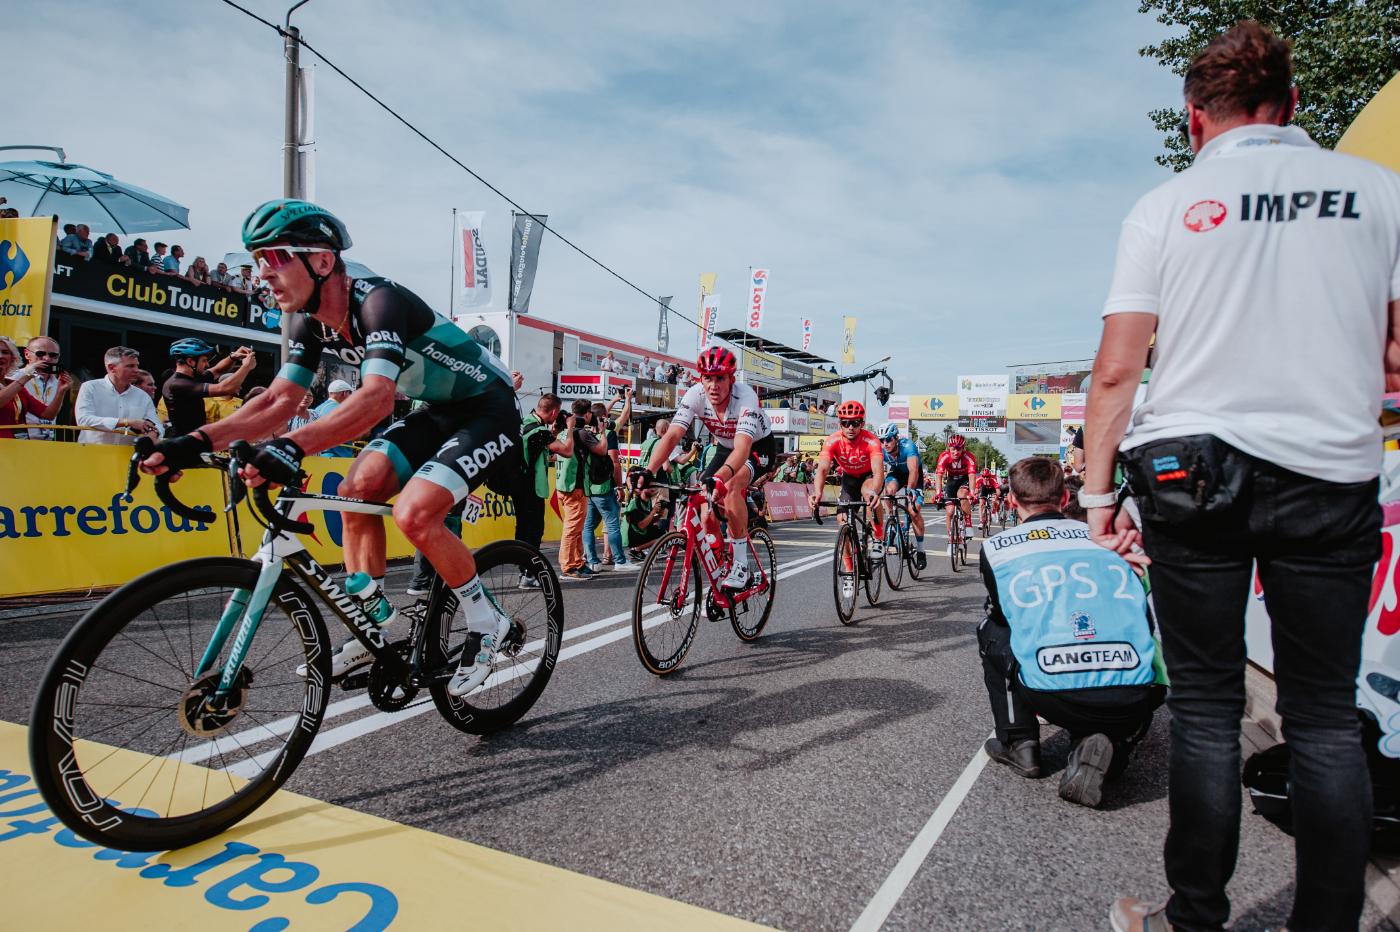 Tour de Pologne UCI World Tour bezpieczeństwo zapewnione przez Grupę Impel - Zdjęcie główne